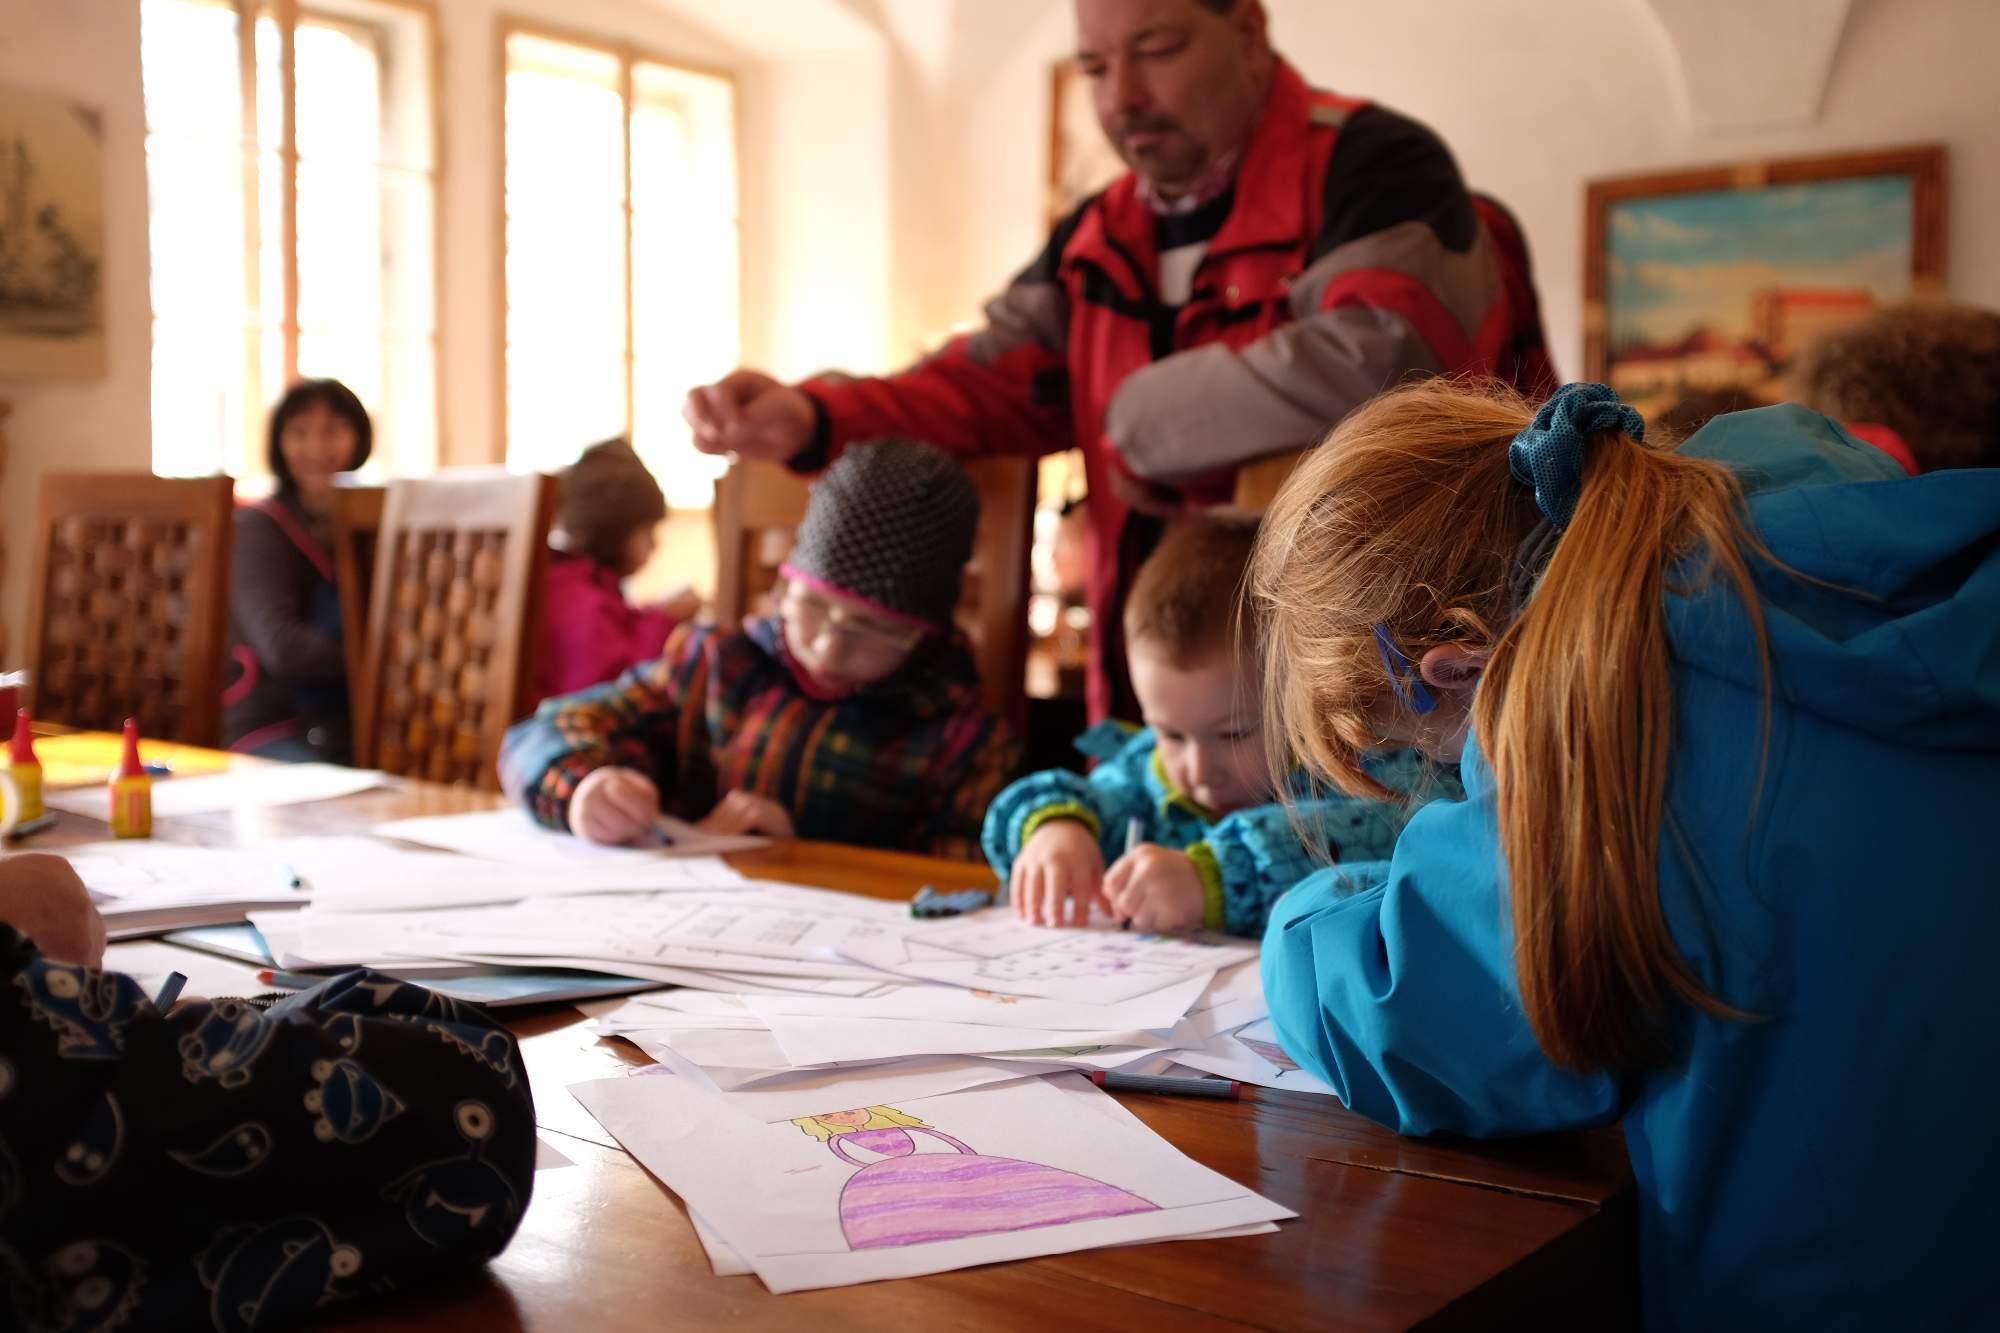 Děti si mohly vymalovat obrázek nebo navléknout korálky v dětské dílně. Foto: Pavlína Černá